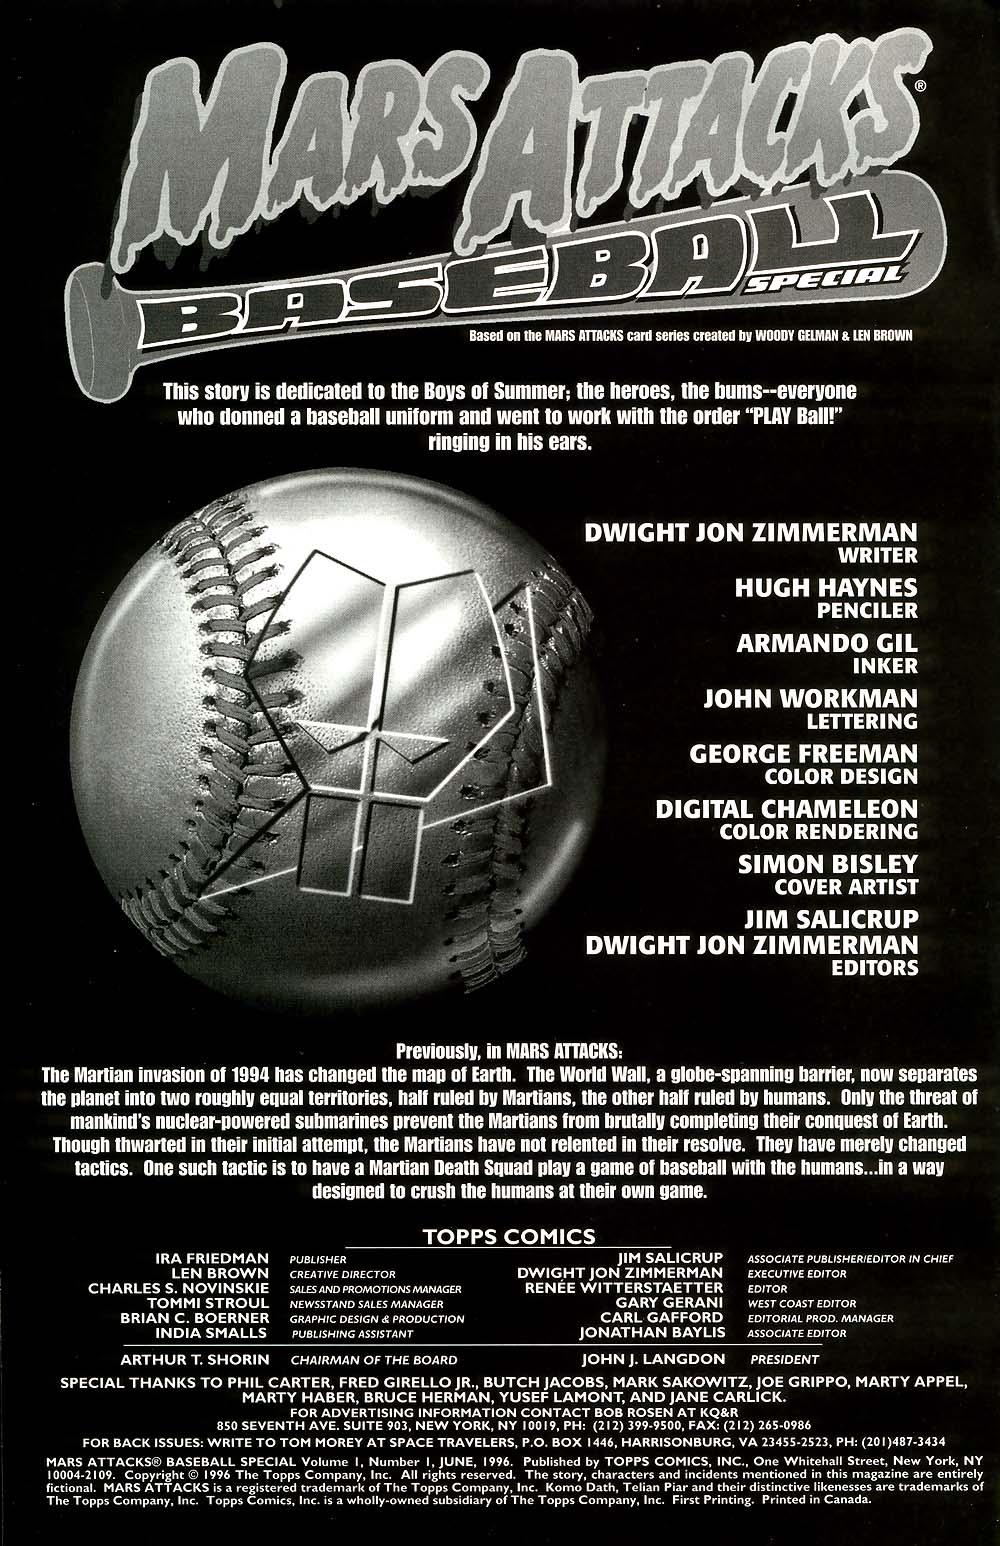 Read online Mars Attacks Baseball Special comic -  Issue # Full - 2